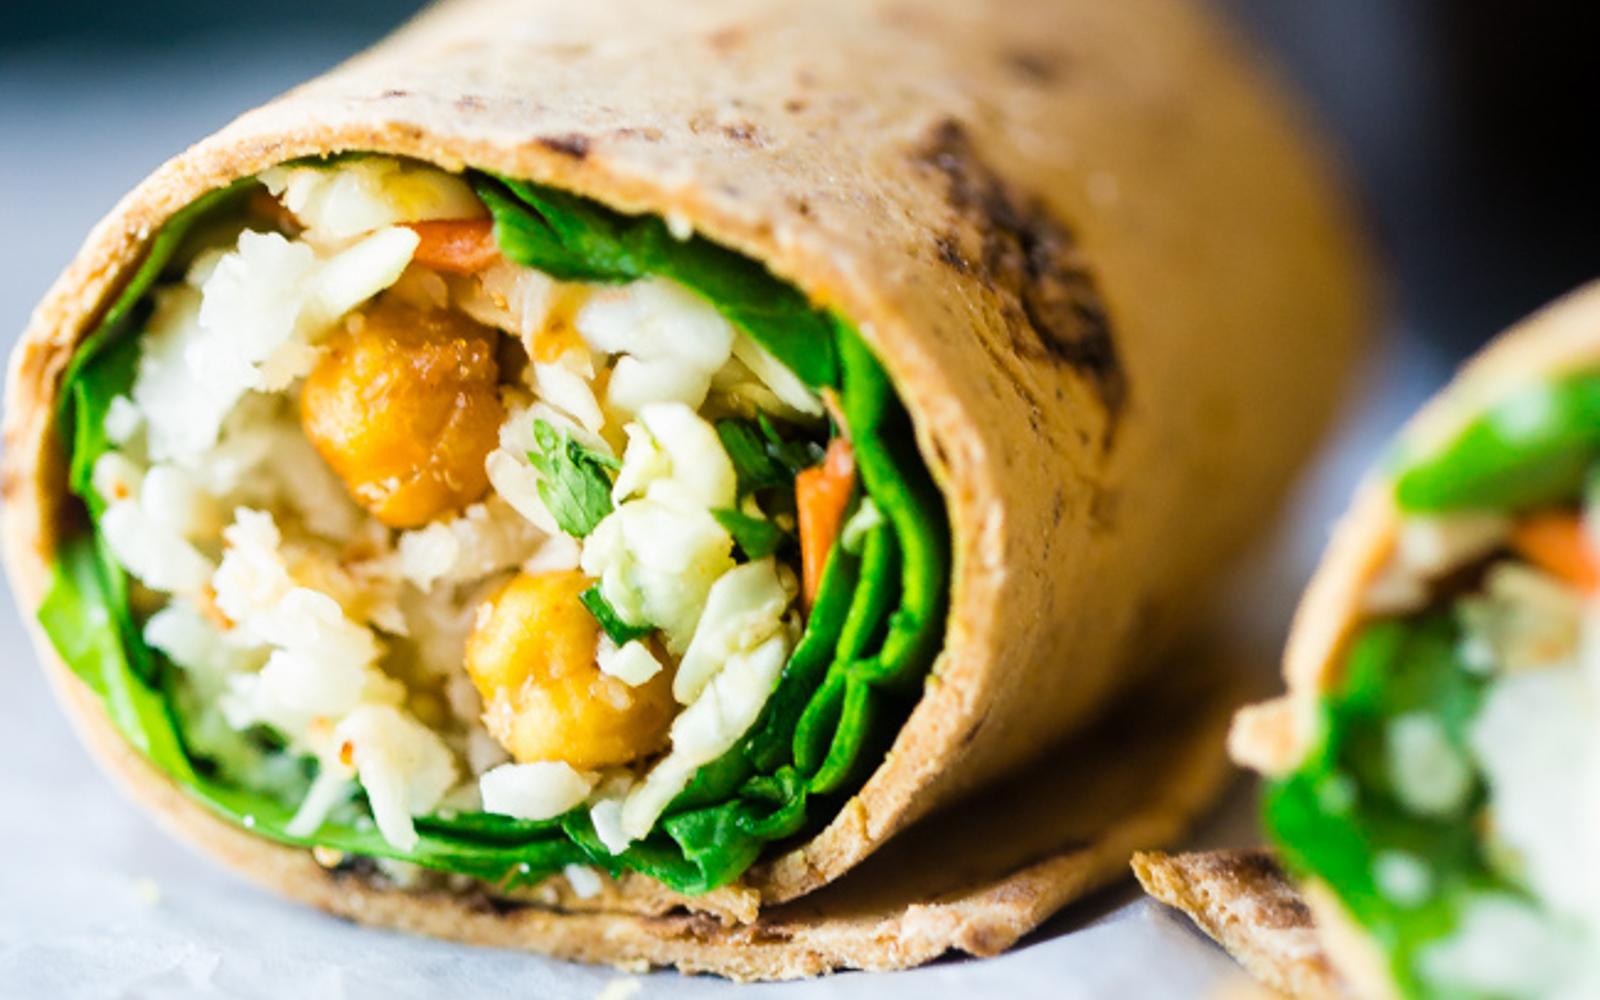 'Honey' Garlic Roasted Chickpea Wraps 2